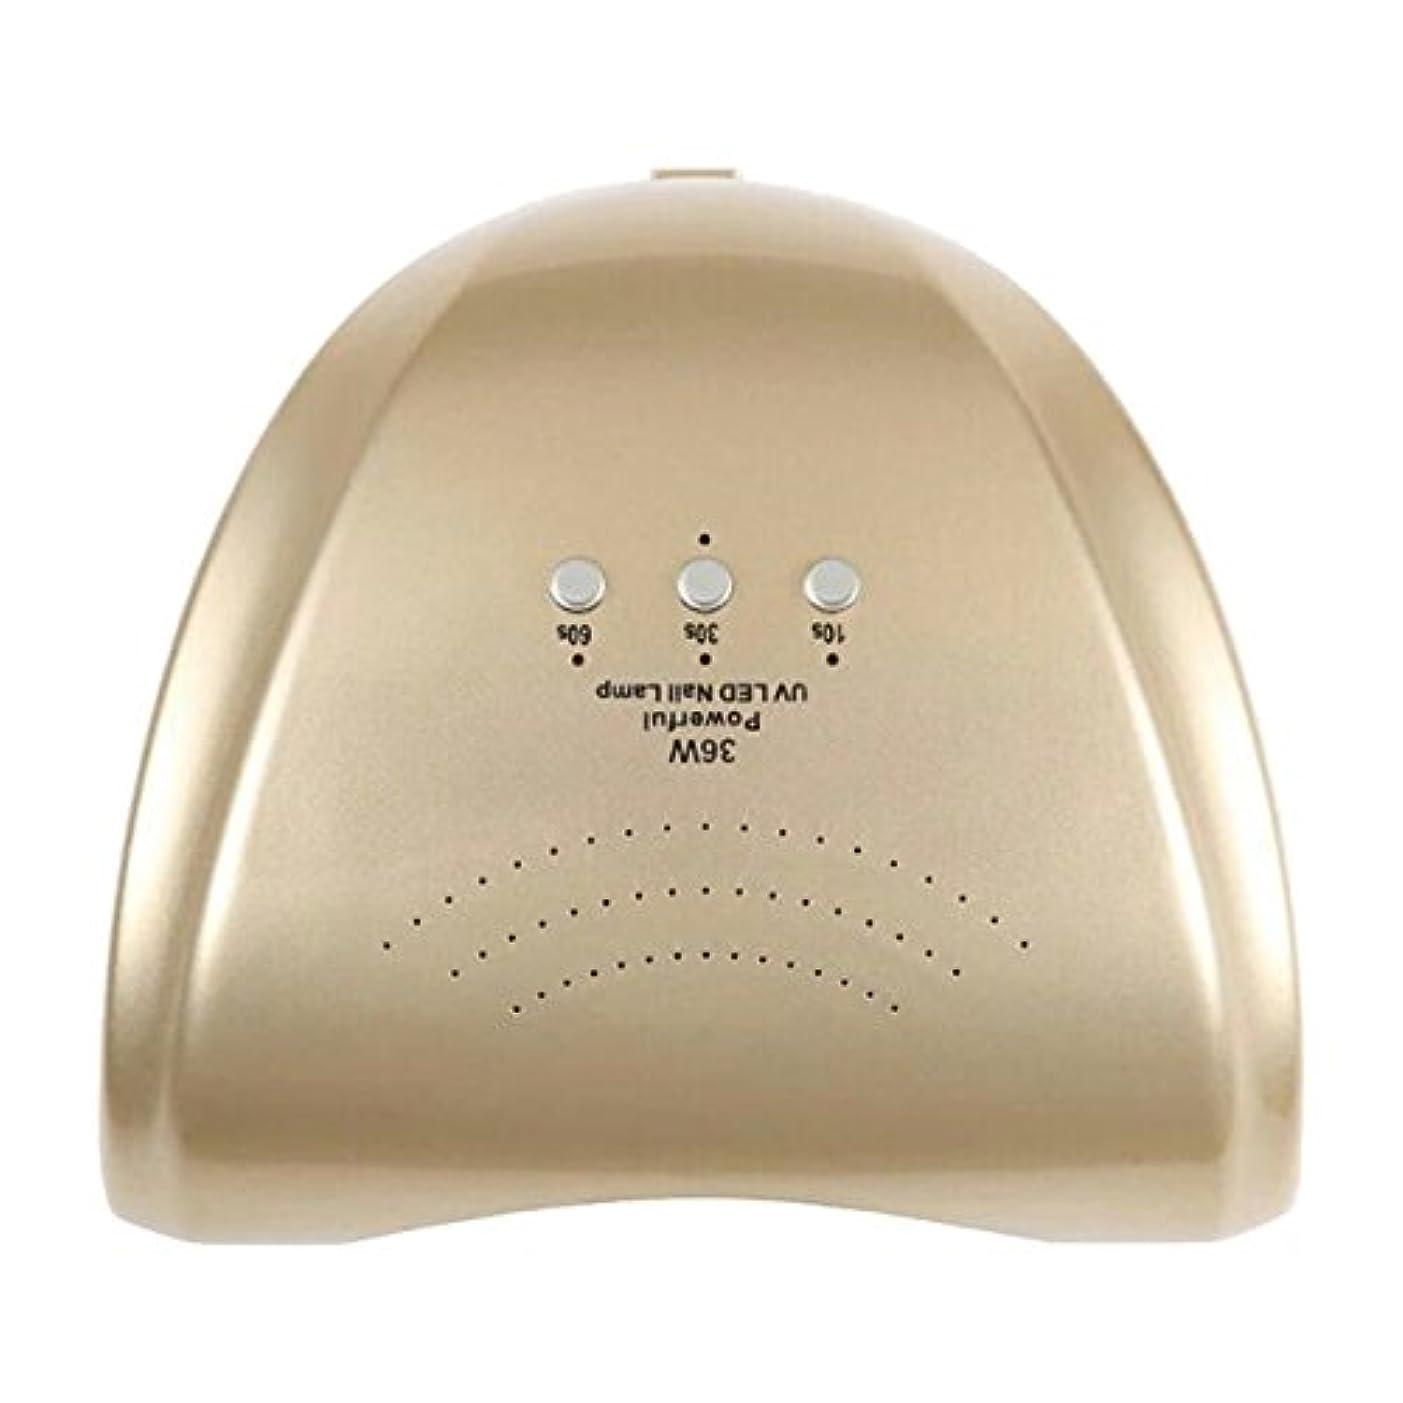 ハードリング社会主義者光のLa Curie 36W LED&UVネイルライト CCFL不使用 自動センサー ジェルネイル レジン 6ヶ月保証&日本語説明書&プロネイリスト監修ネイルレシピ付き 全9色 (ゴールド) LaCurie004